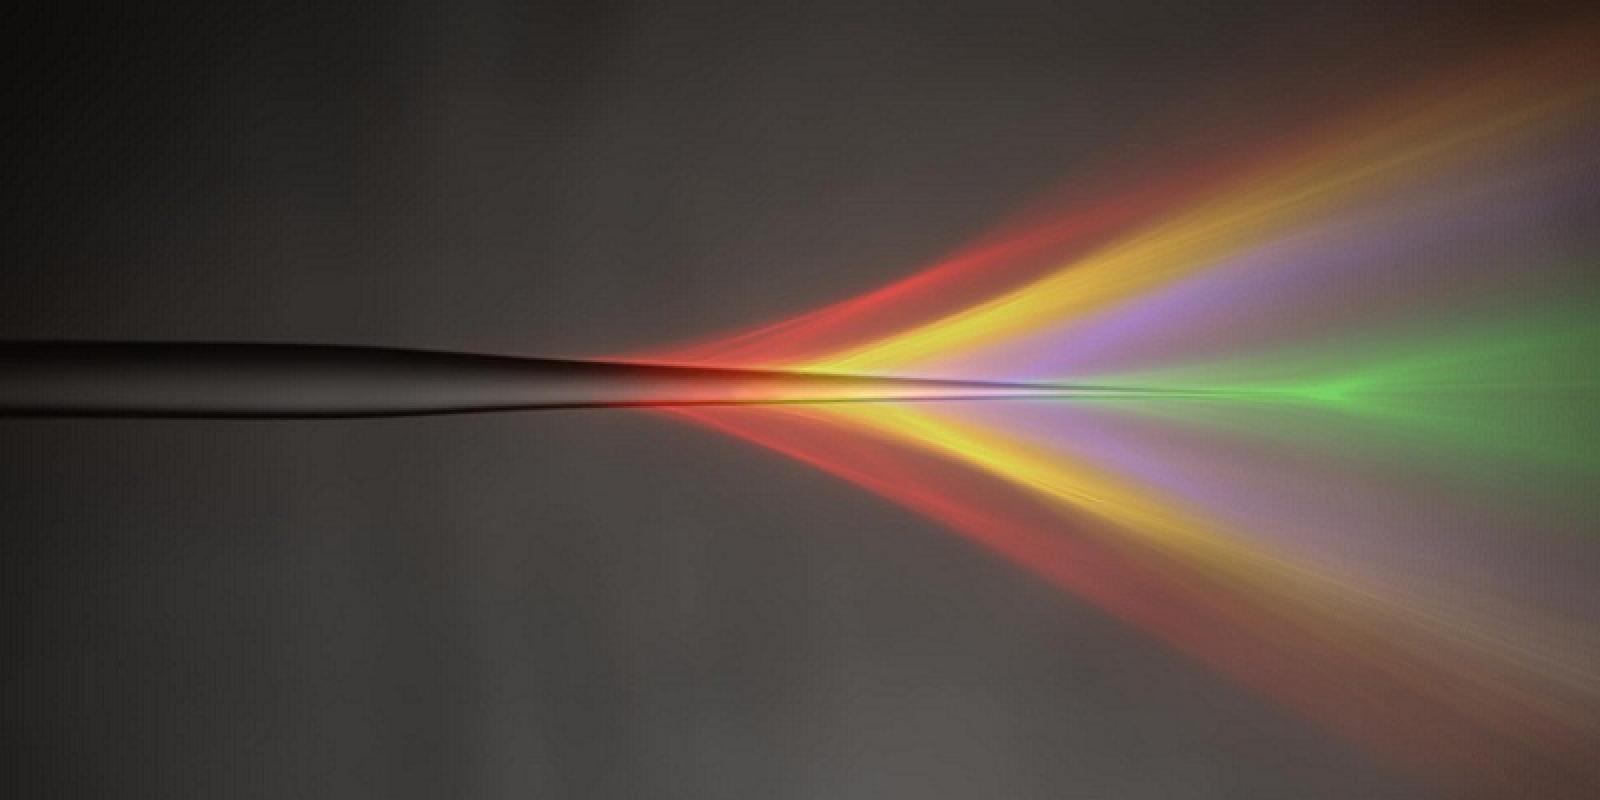 Una sonda riesce a esplorare le aree più nascoste del cervello. Credit: Istituto Italiano di Tecnologia (IIT).